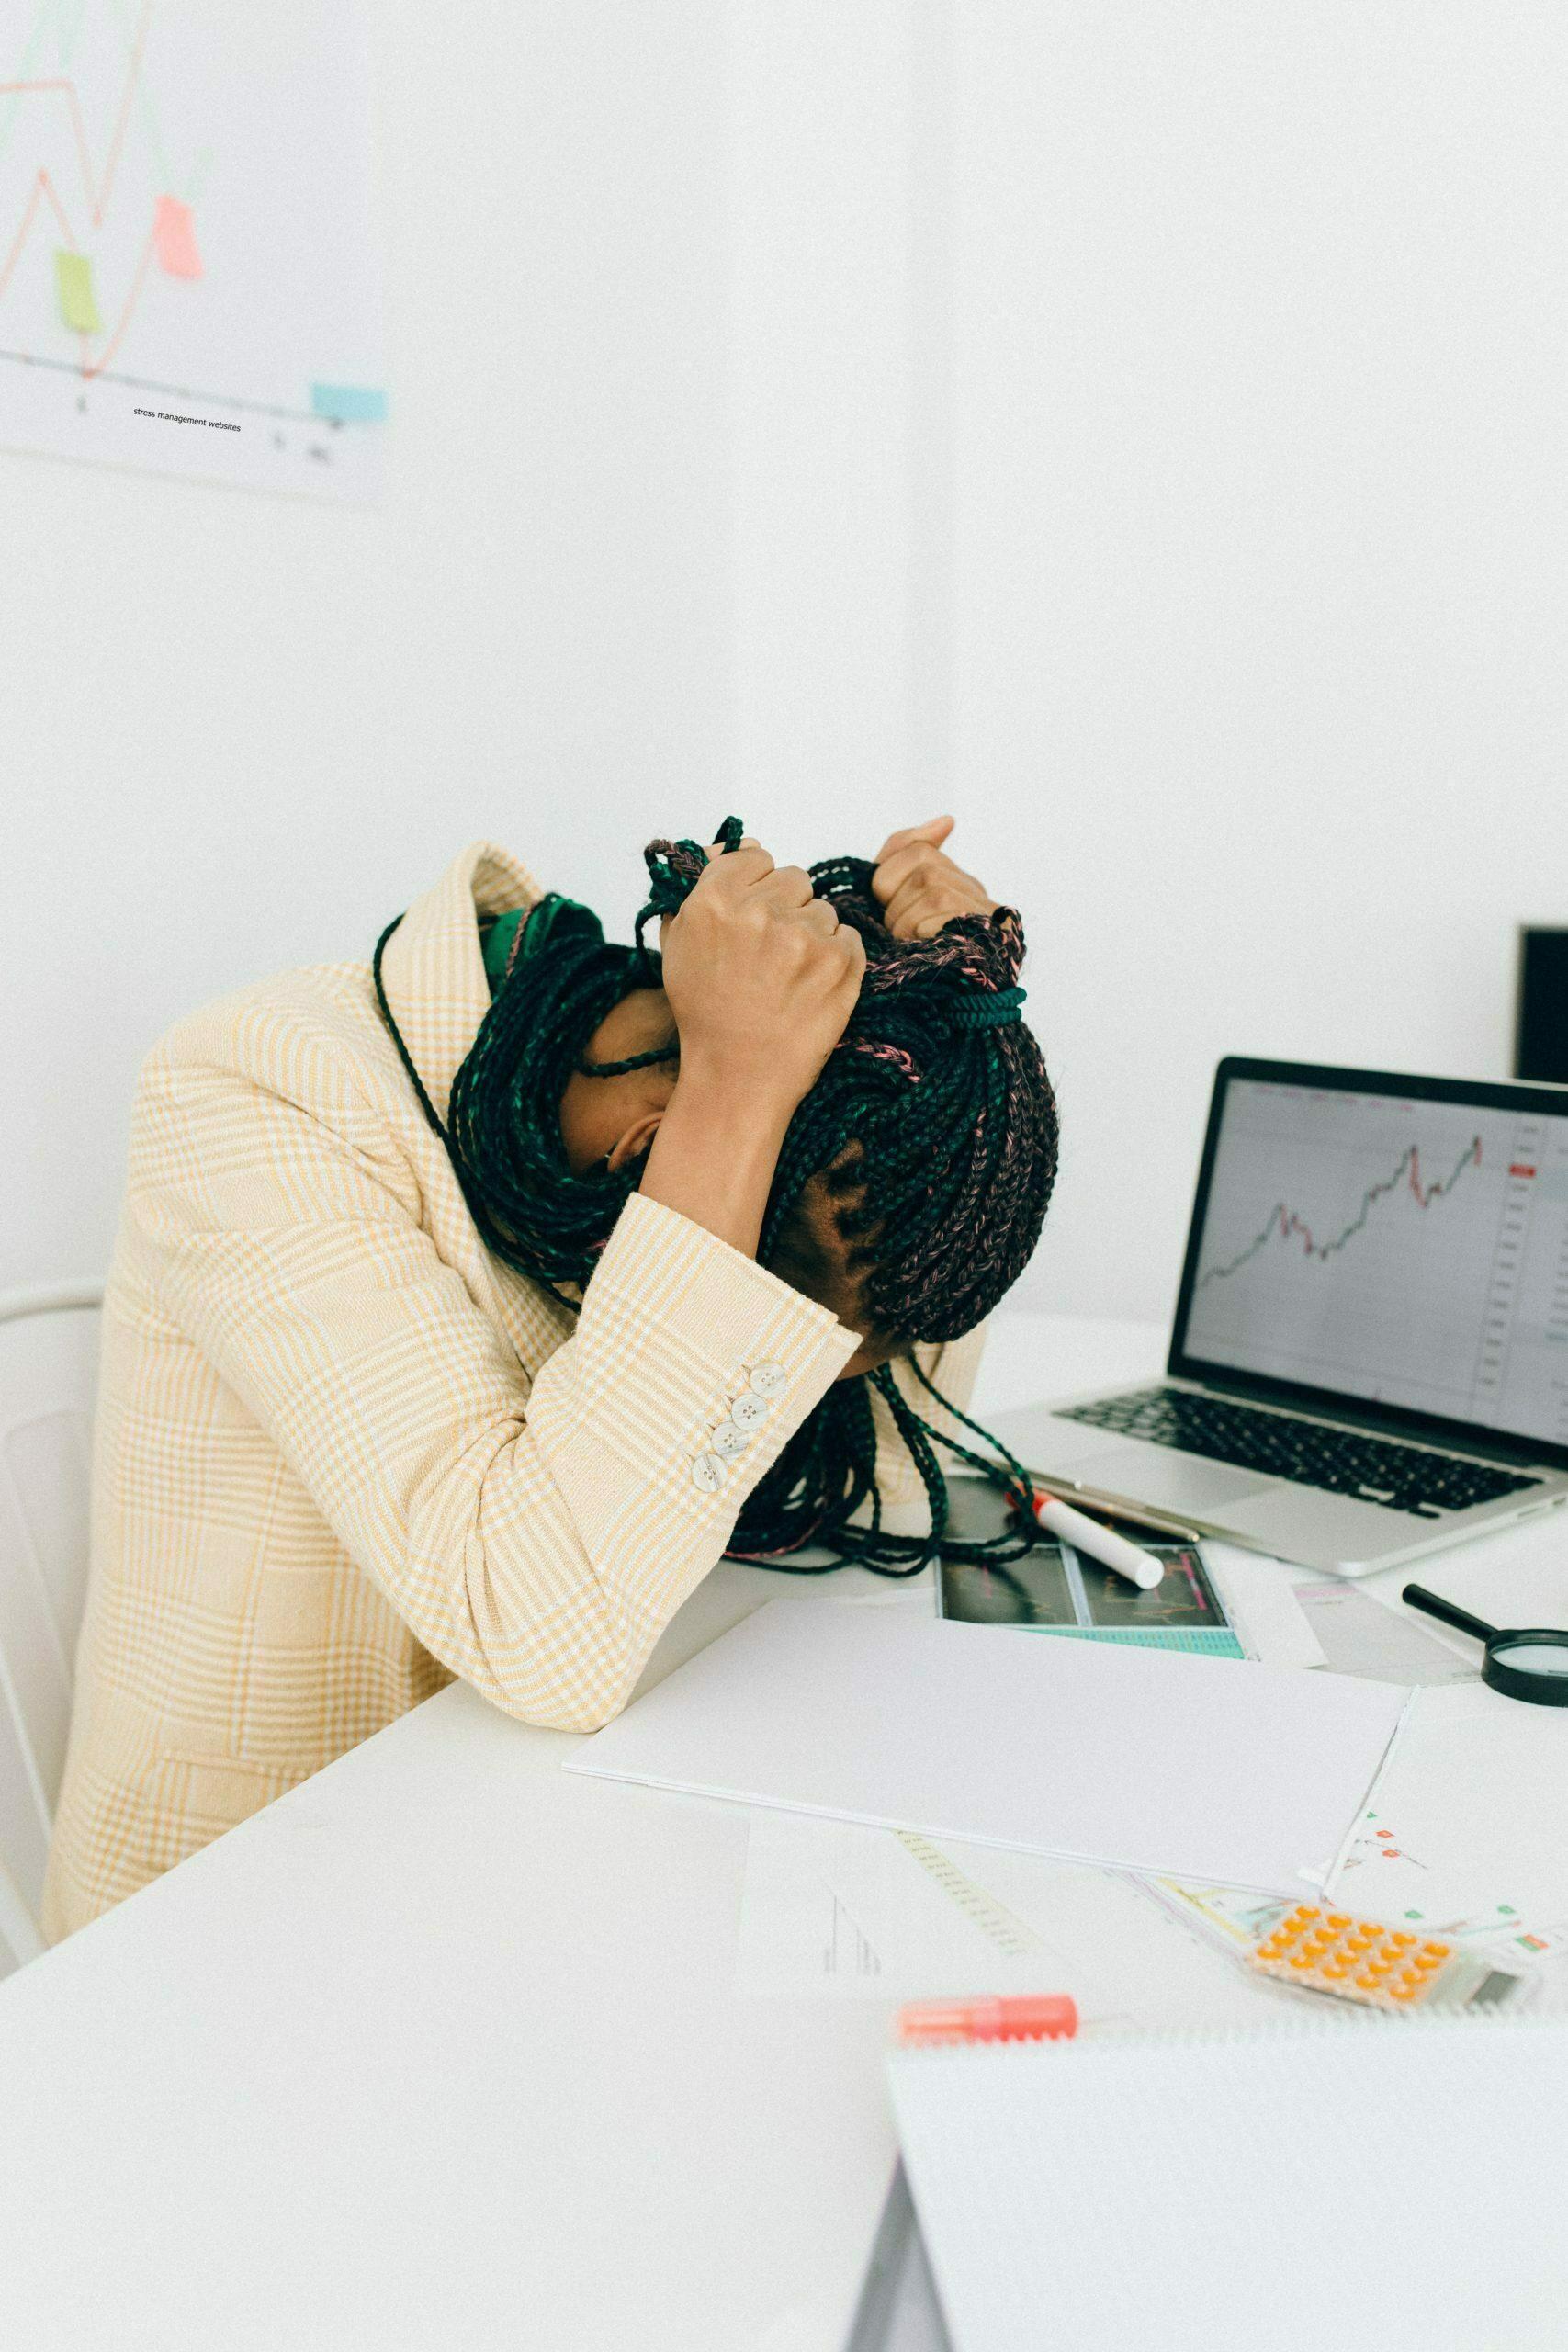 stress management websites image